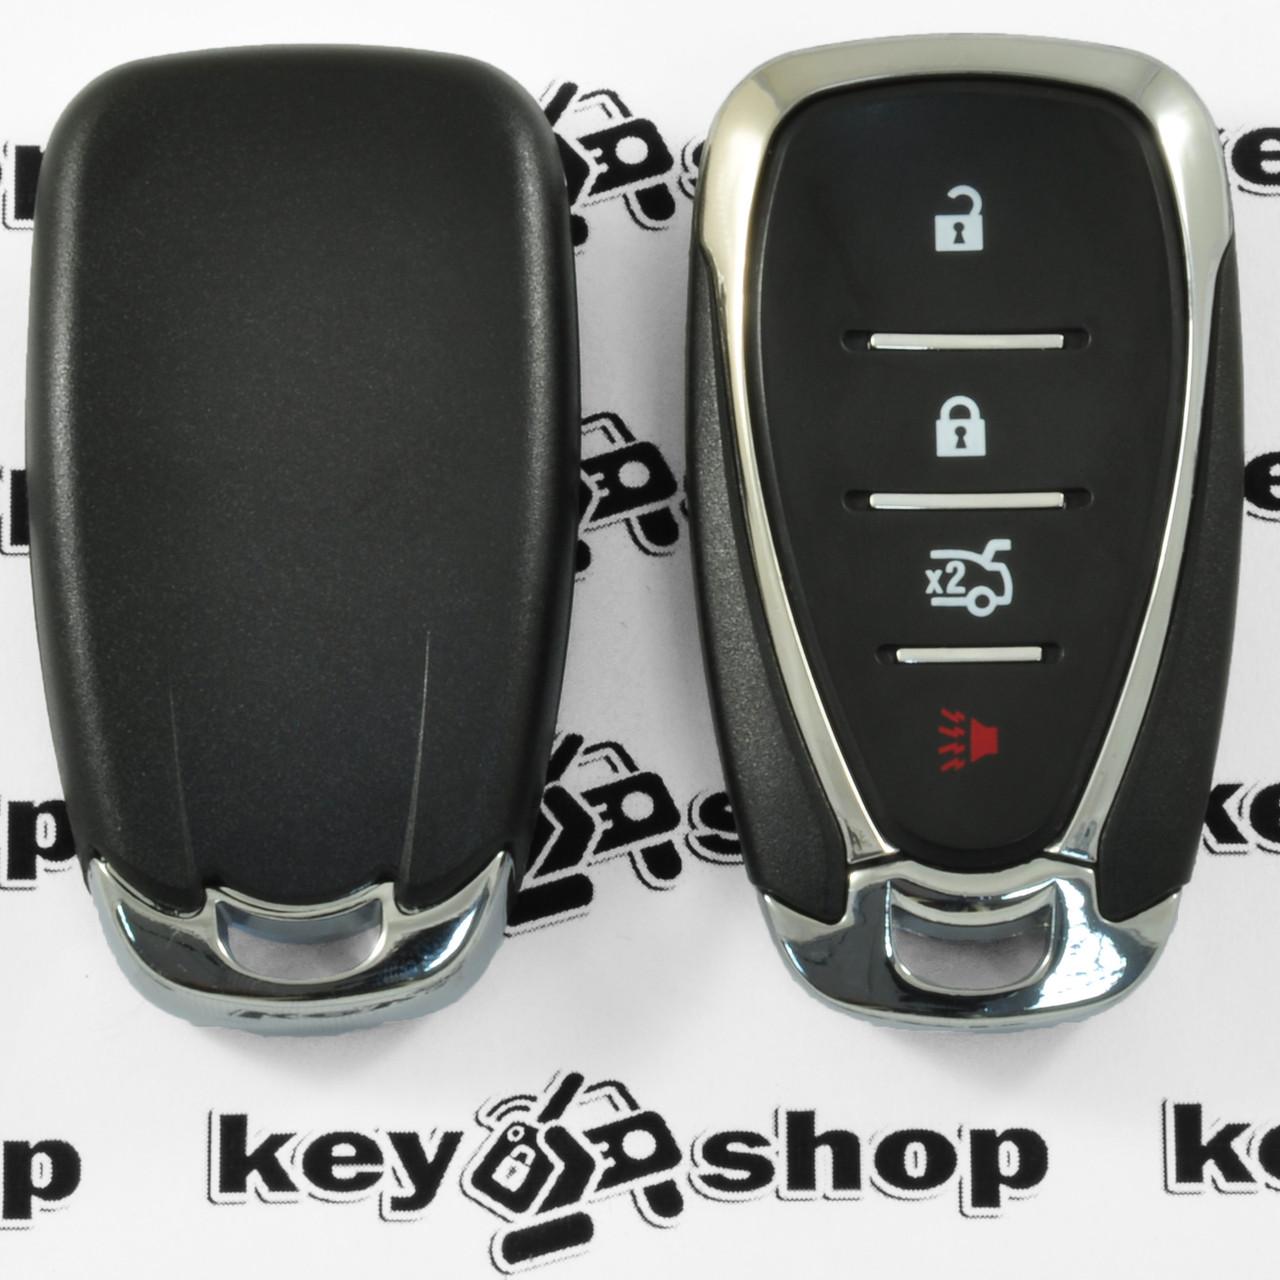 Корпус смарт ключа для Chevrolet (Шевролет) 3+1 (panic) кнопки (с лезвием)